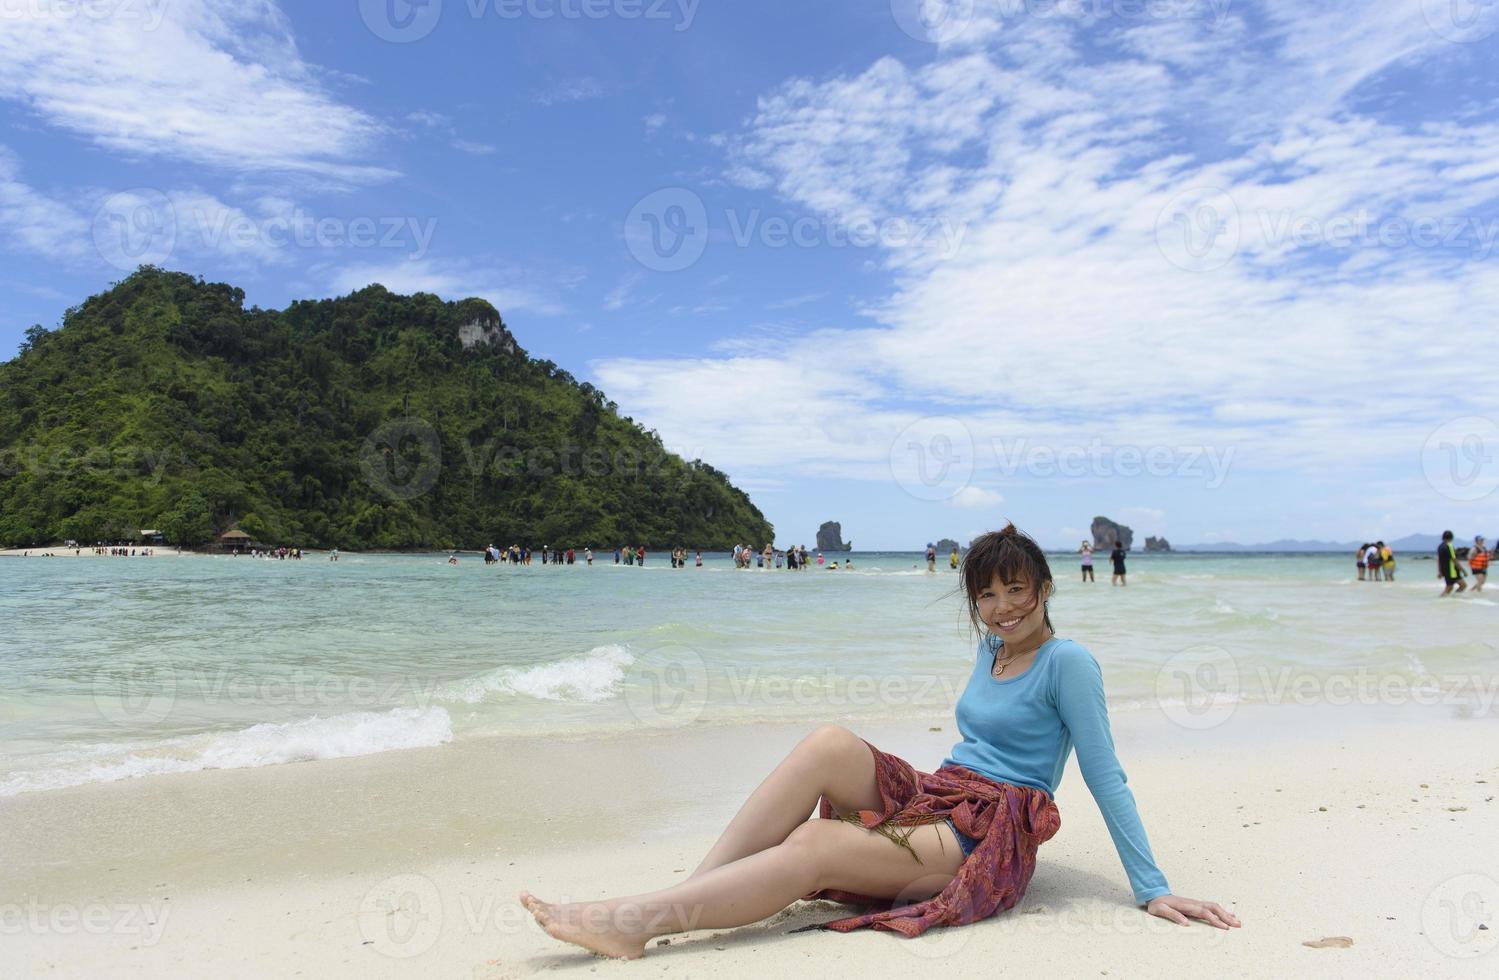 vrouwen spelen graag zand op het strand foto